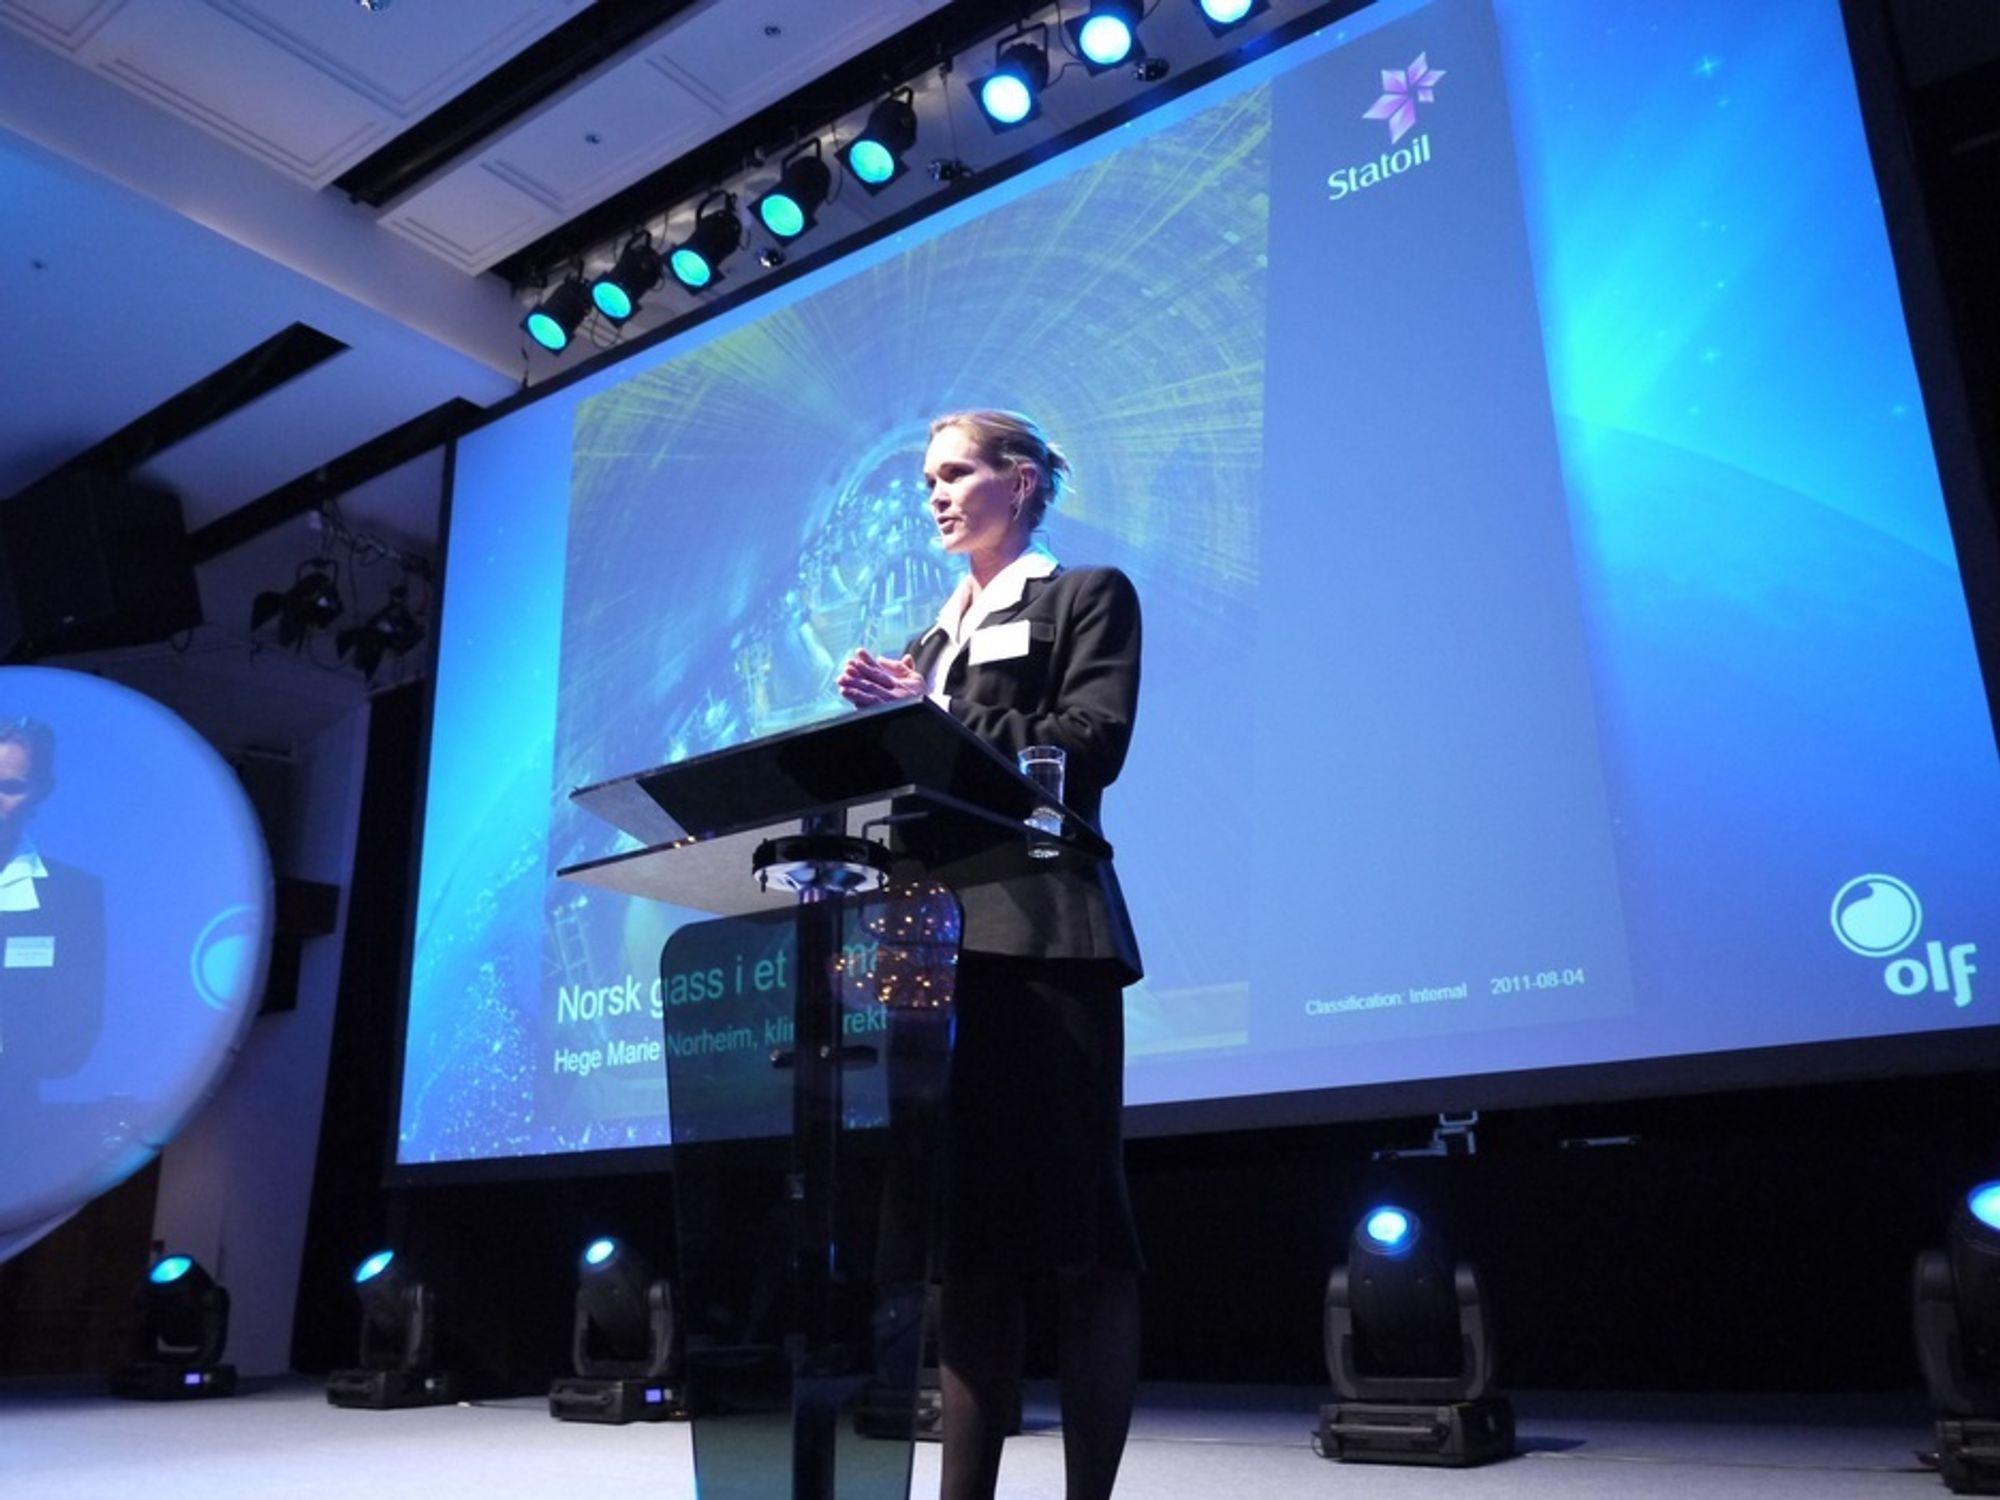 Hege Marie Norheim, klimadirektør i Statoil, mener norsk naturgass vil bli en viktig del av Europas energimiks.